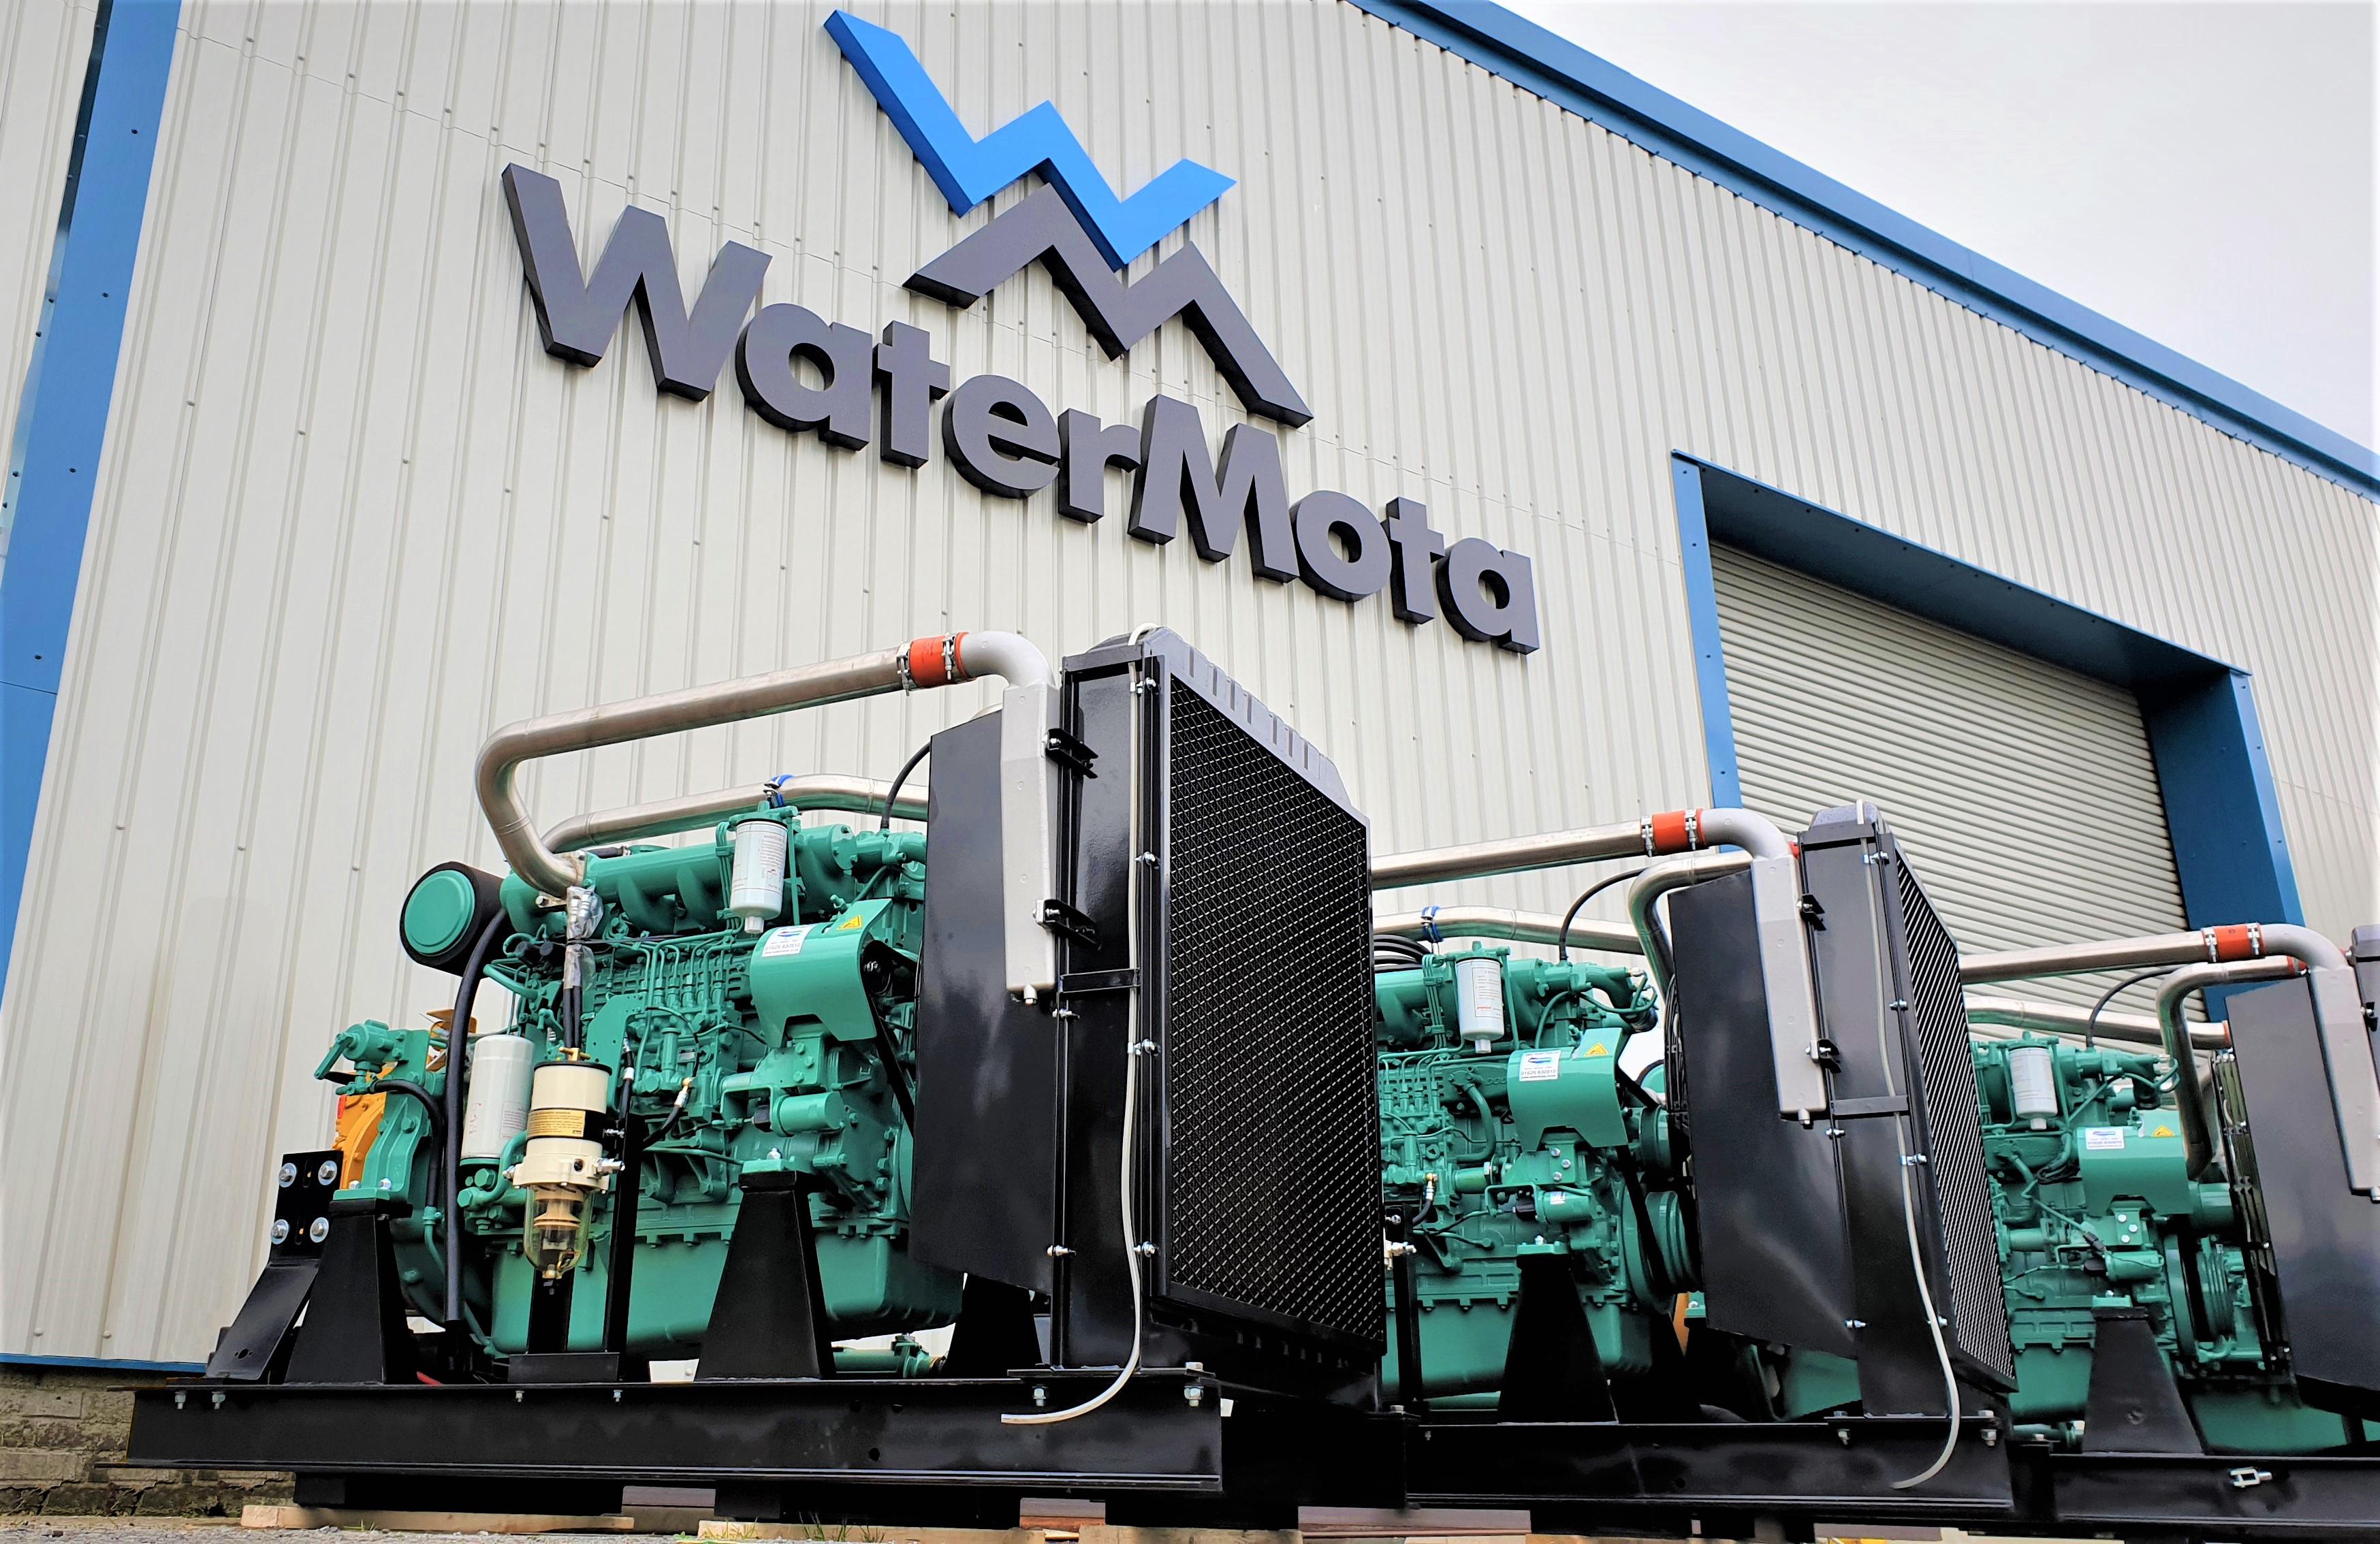 watermota-bespoke-engine-deal-marine